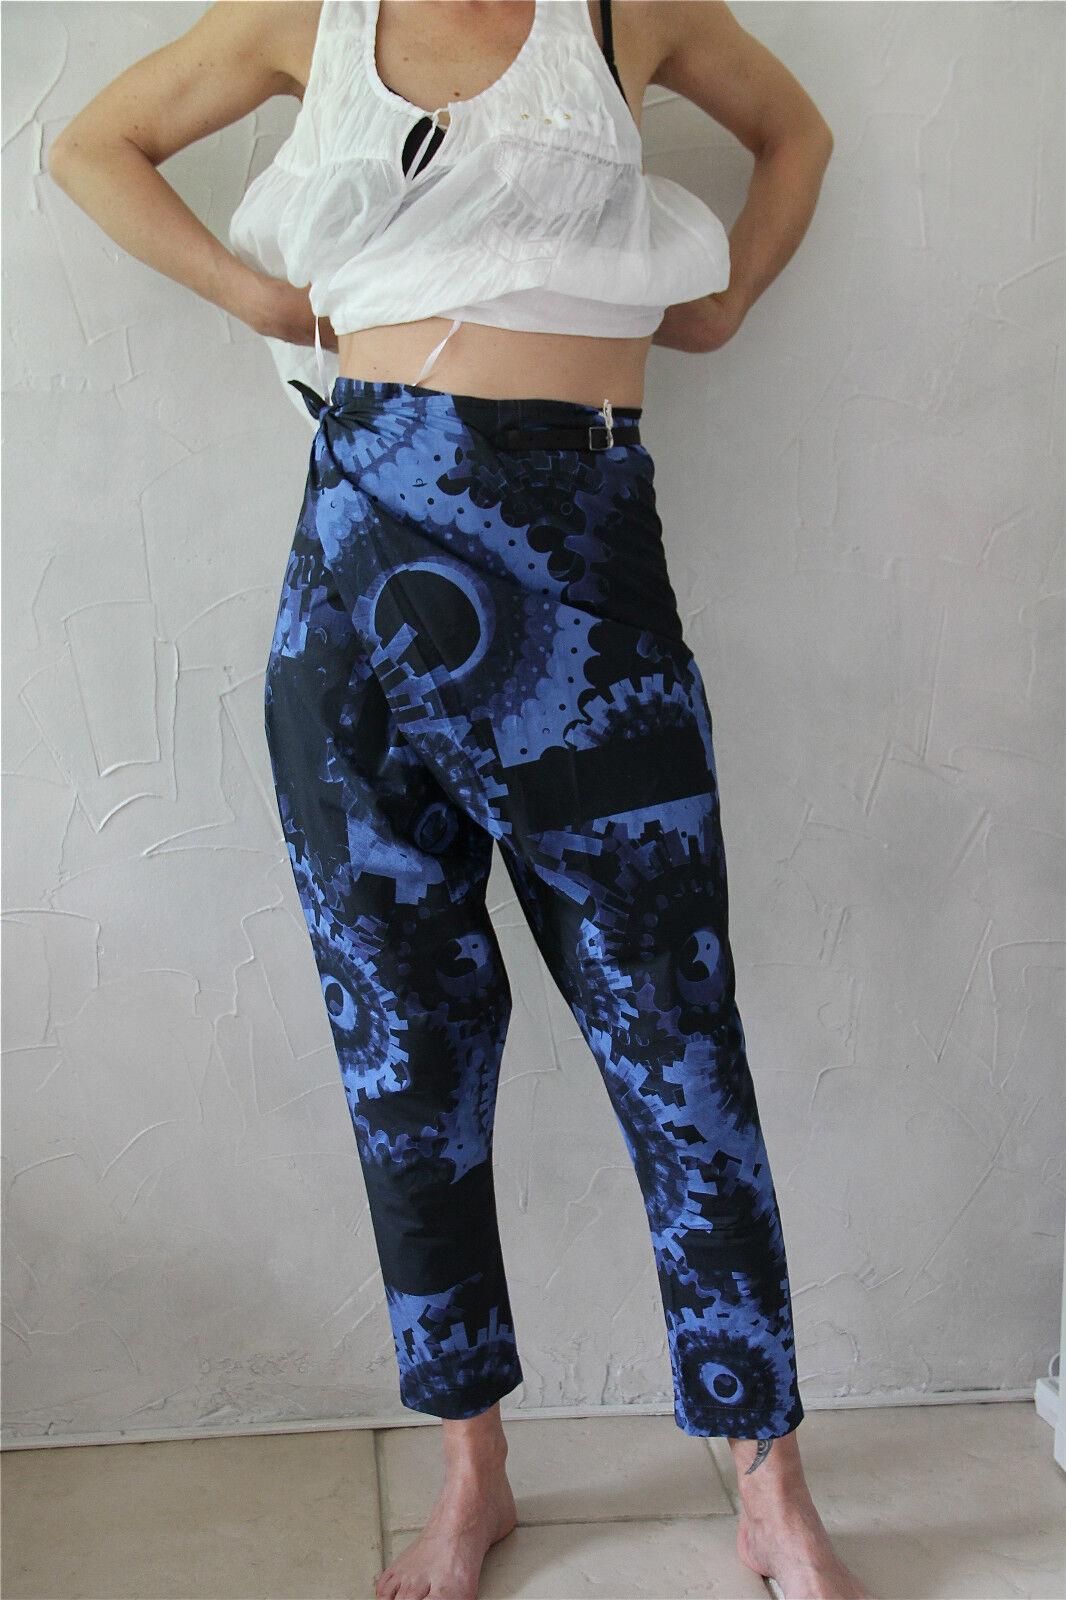 Pantalon pantacourt tablier blue M& FRANCOIS GIRBAUD 36 NEUF ÉTIQUETTE